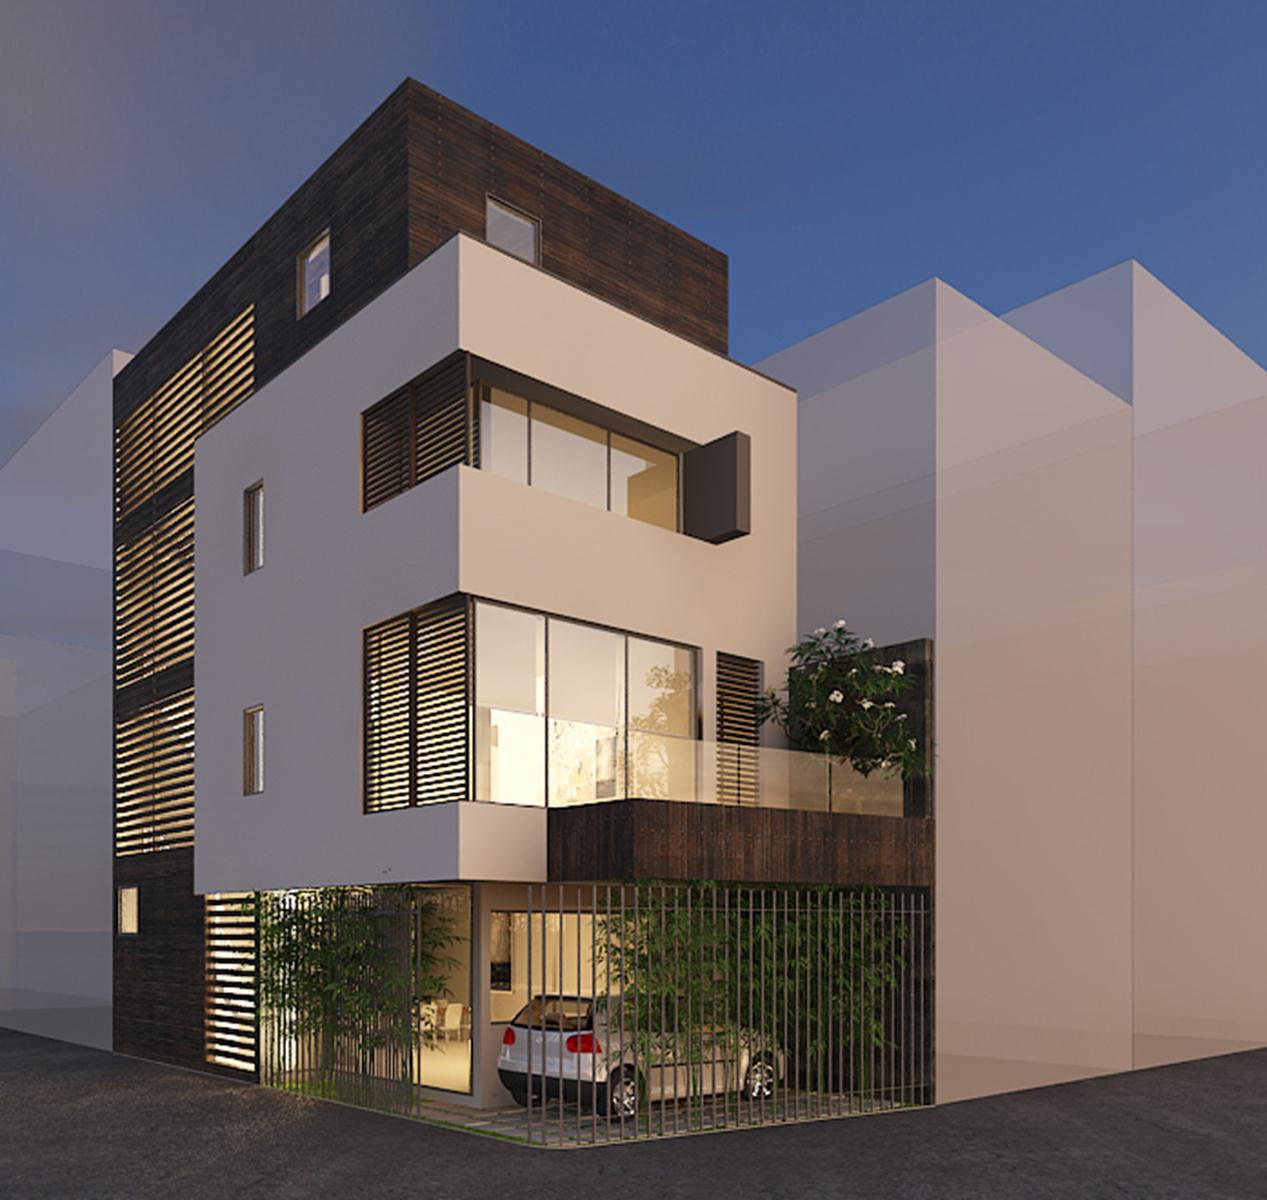 Cải tạo nhà phố 4 tầng tại Tân Bình